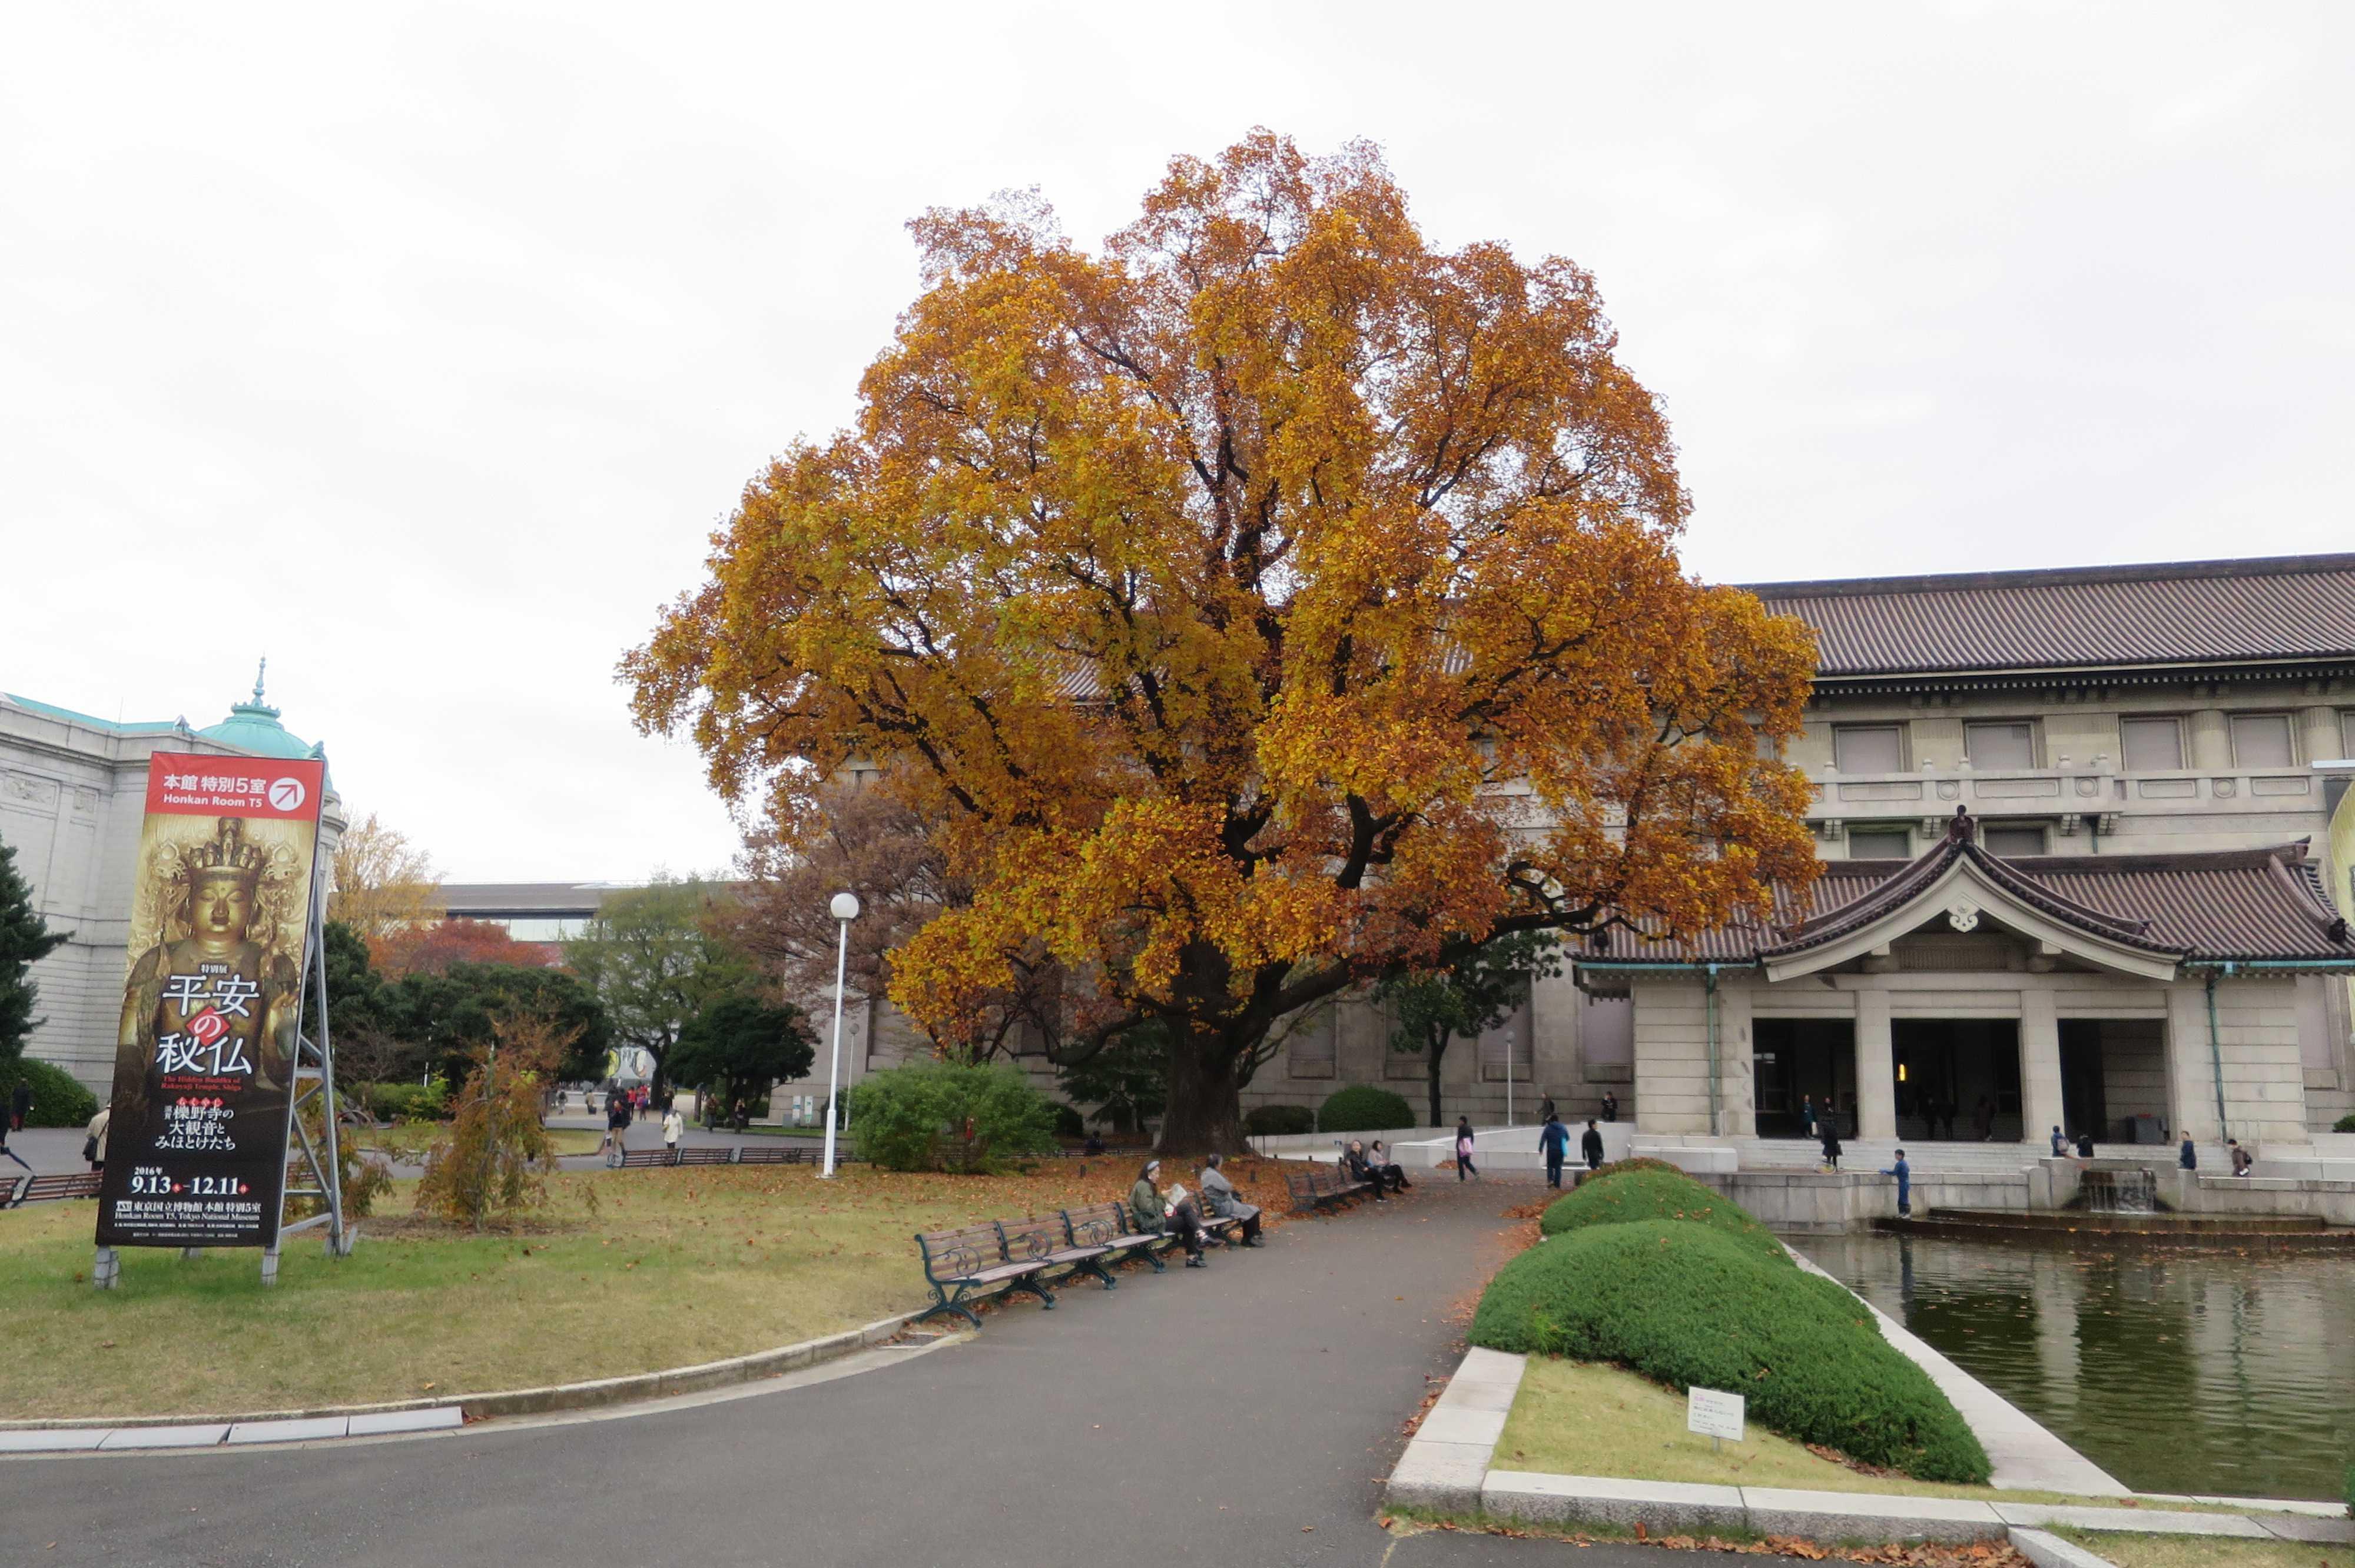 東京国立博物館 本館前のユリノキ